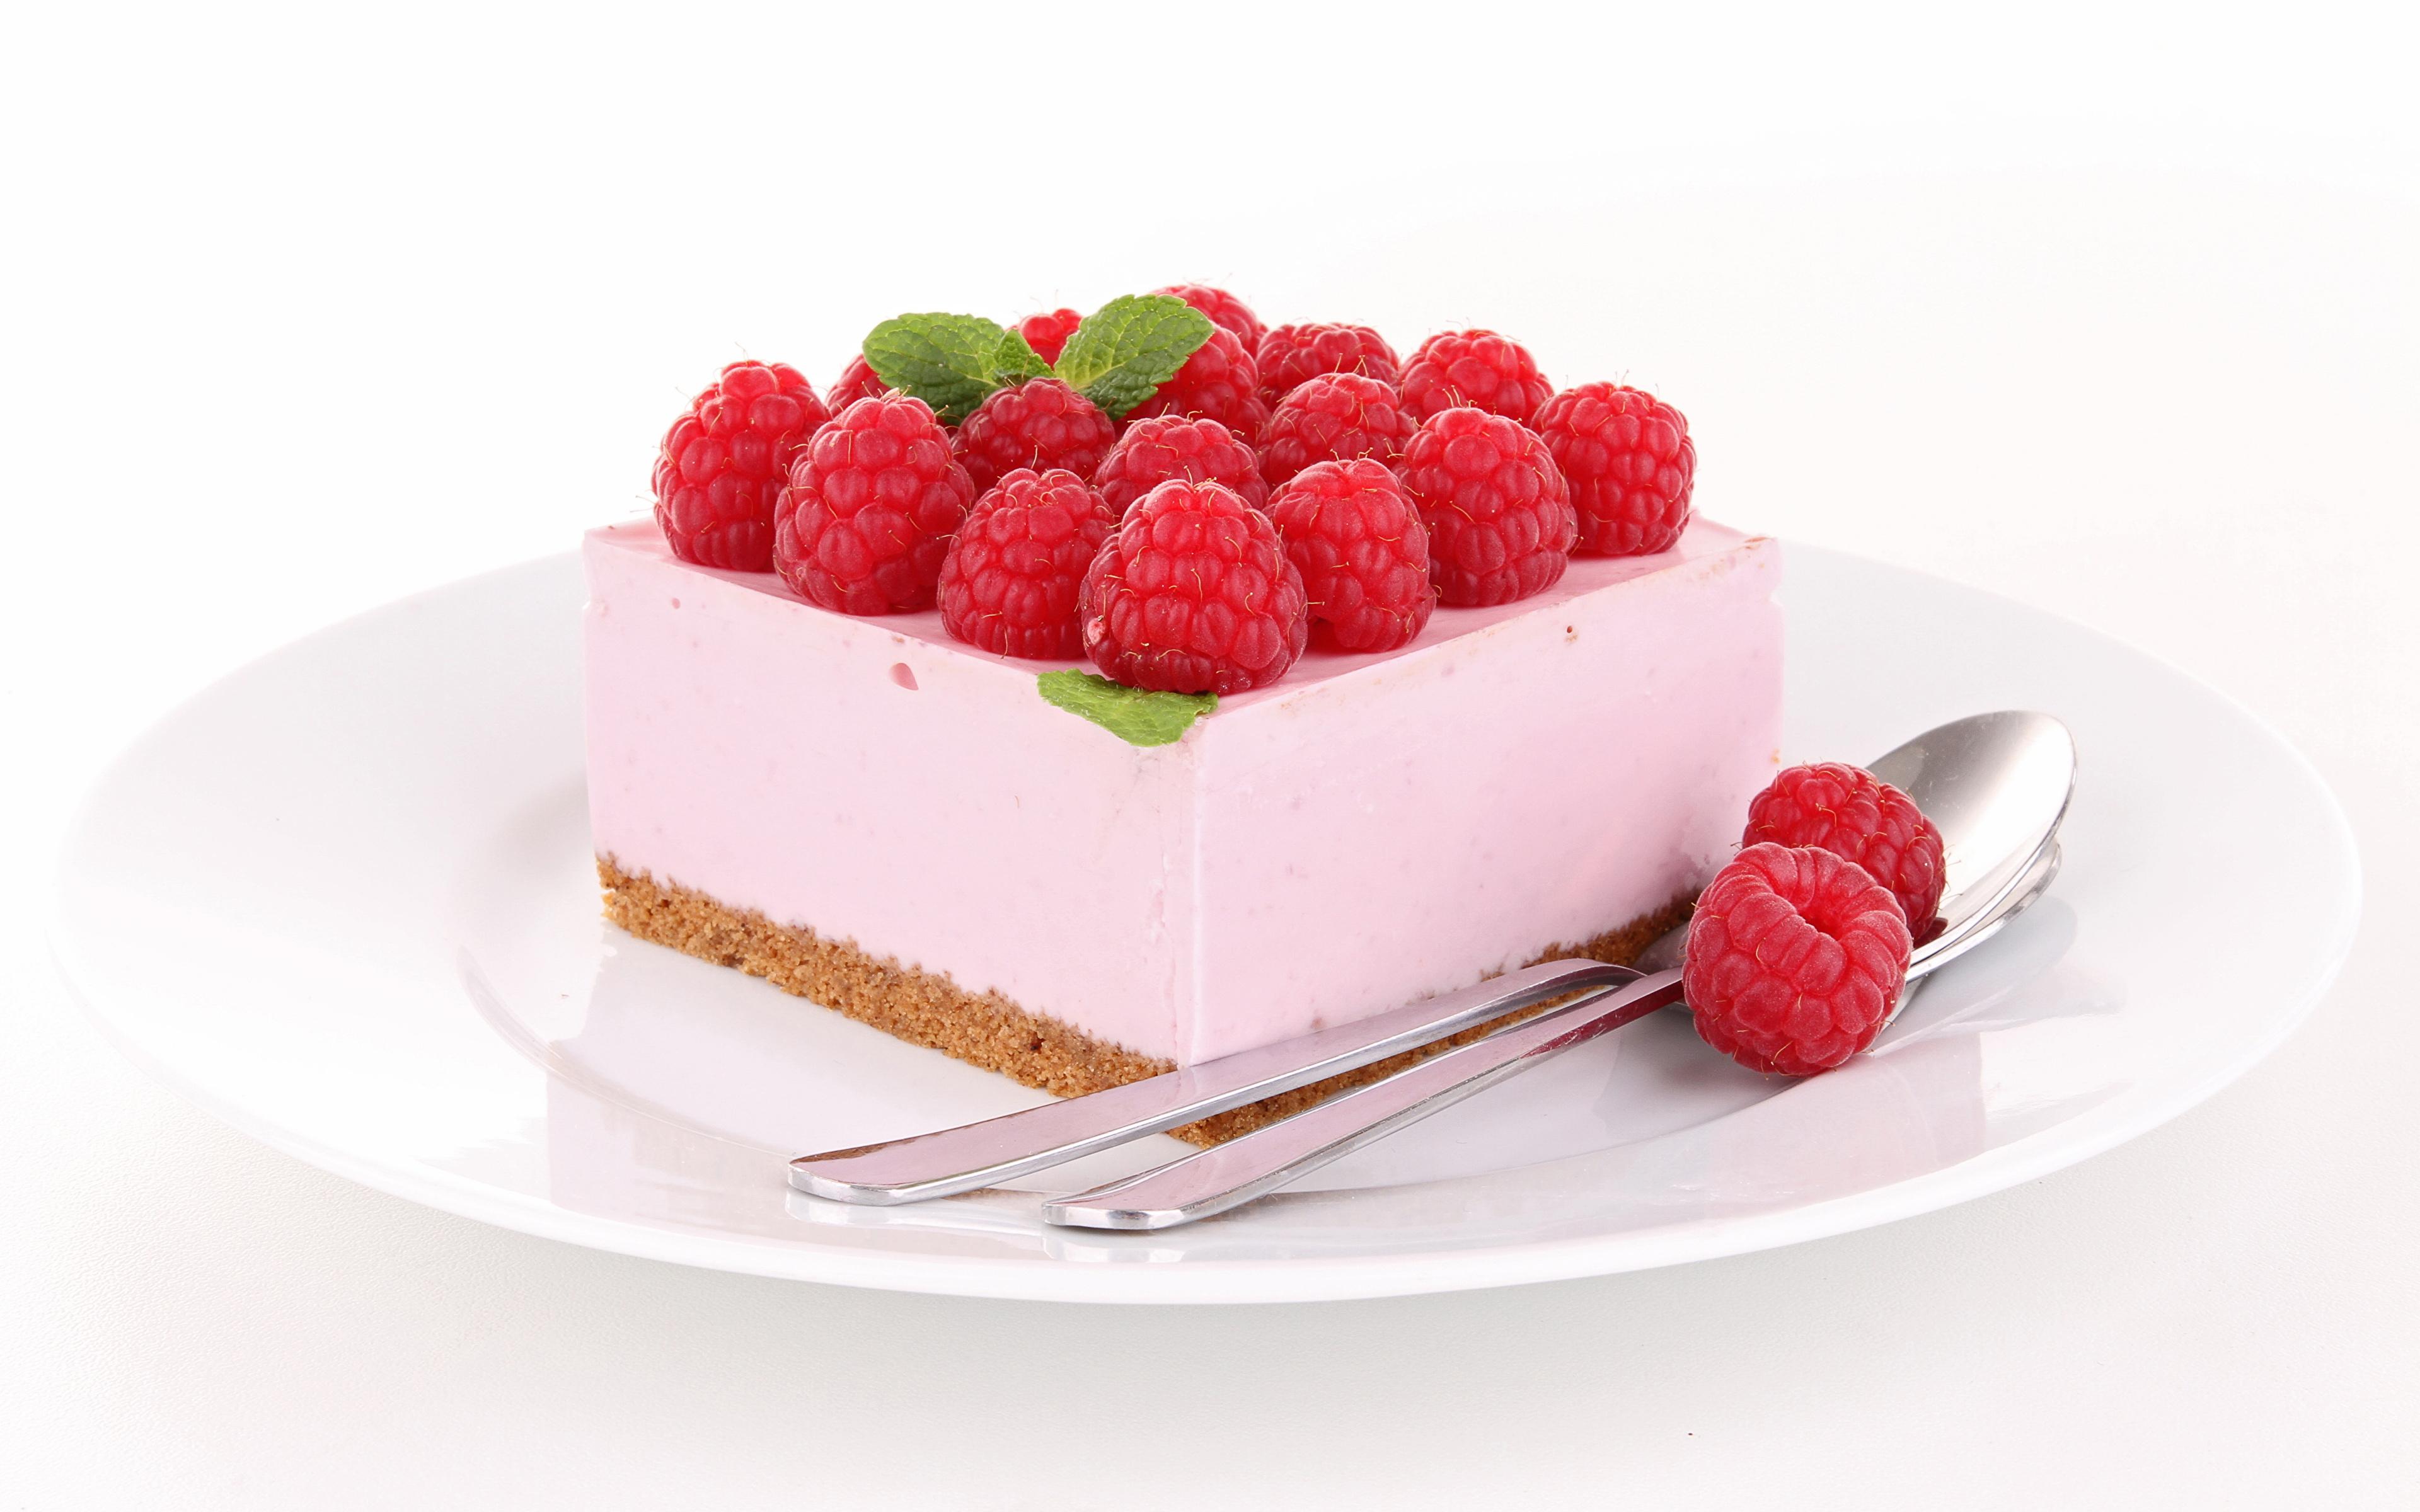 еда пирожное малина десерт скачать